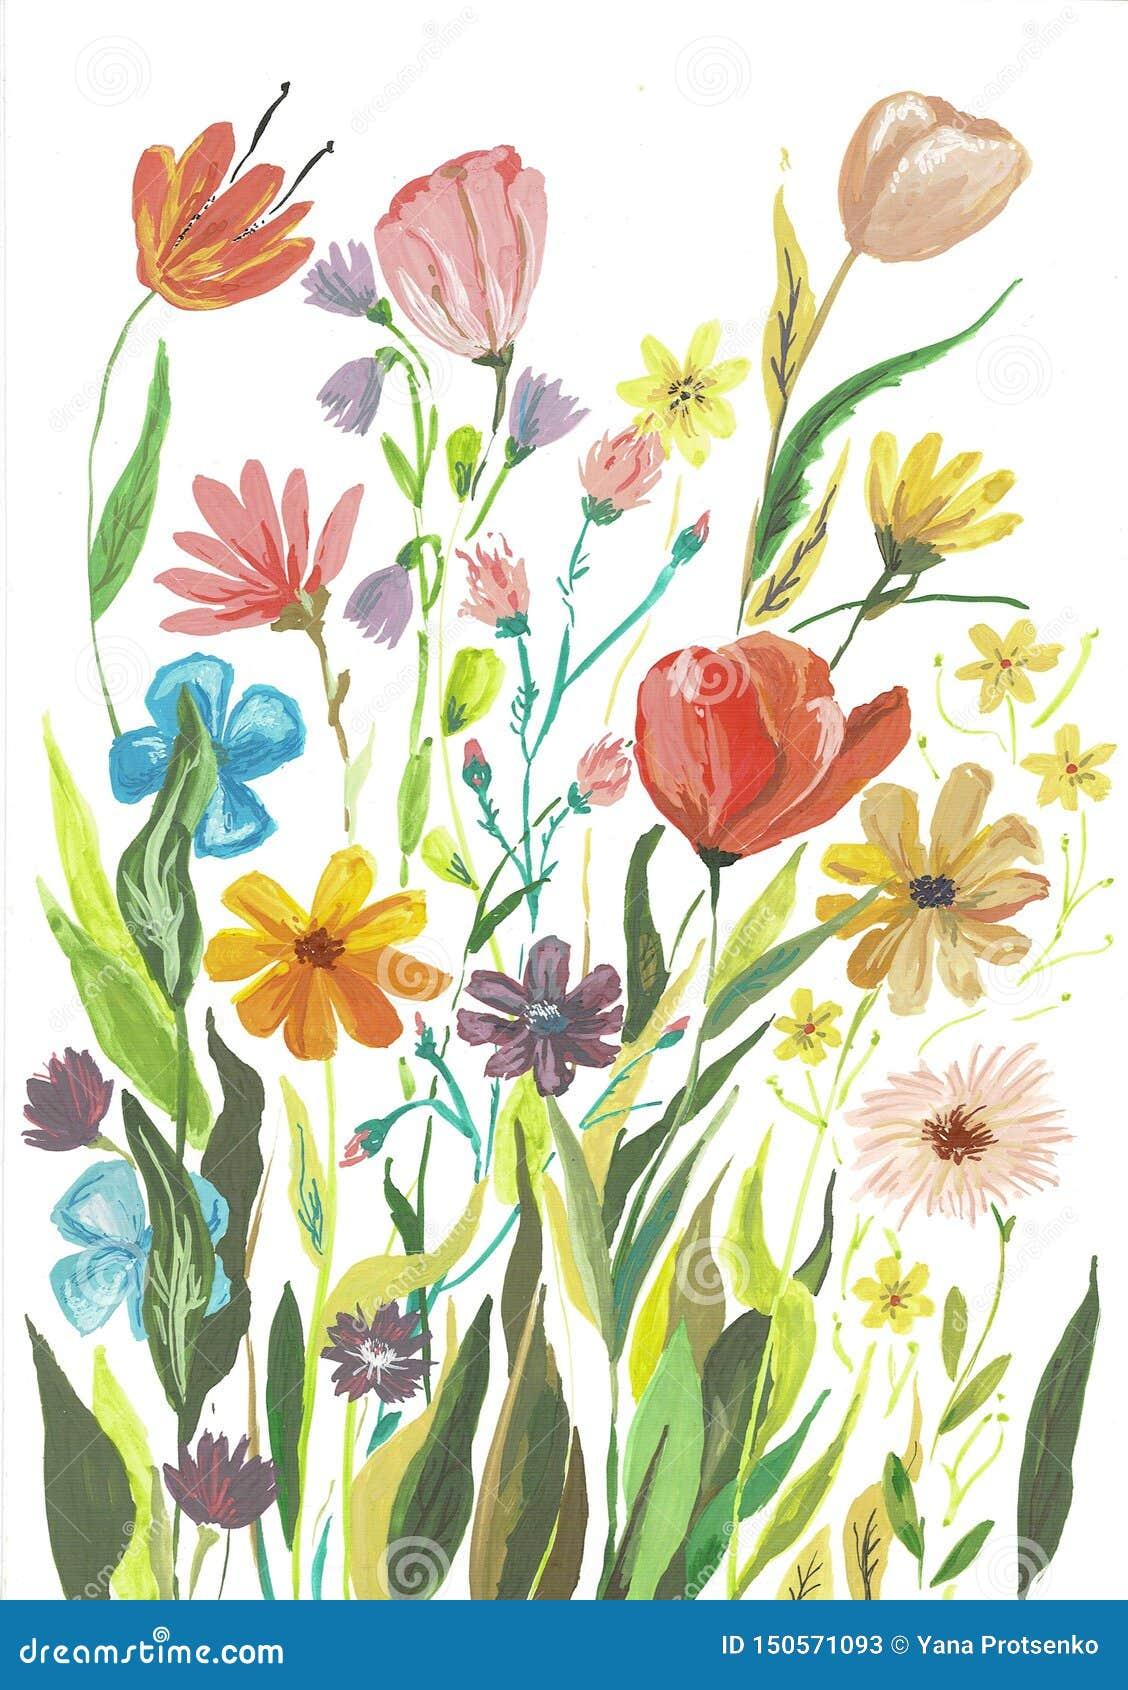 Lokalisierten rote magentarote weiße rosa Blumenstrauß-Blumen und Federn Aquarell Boho Burgunder